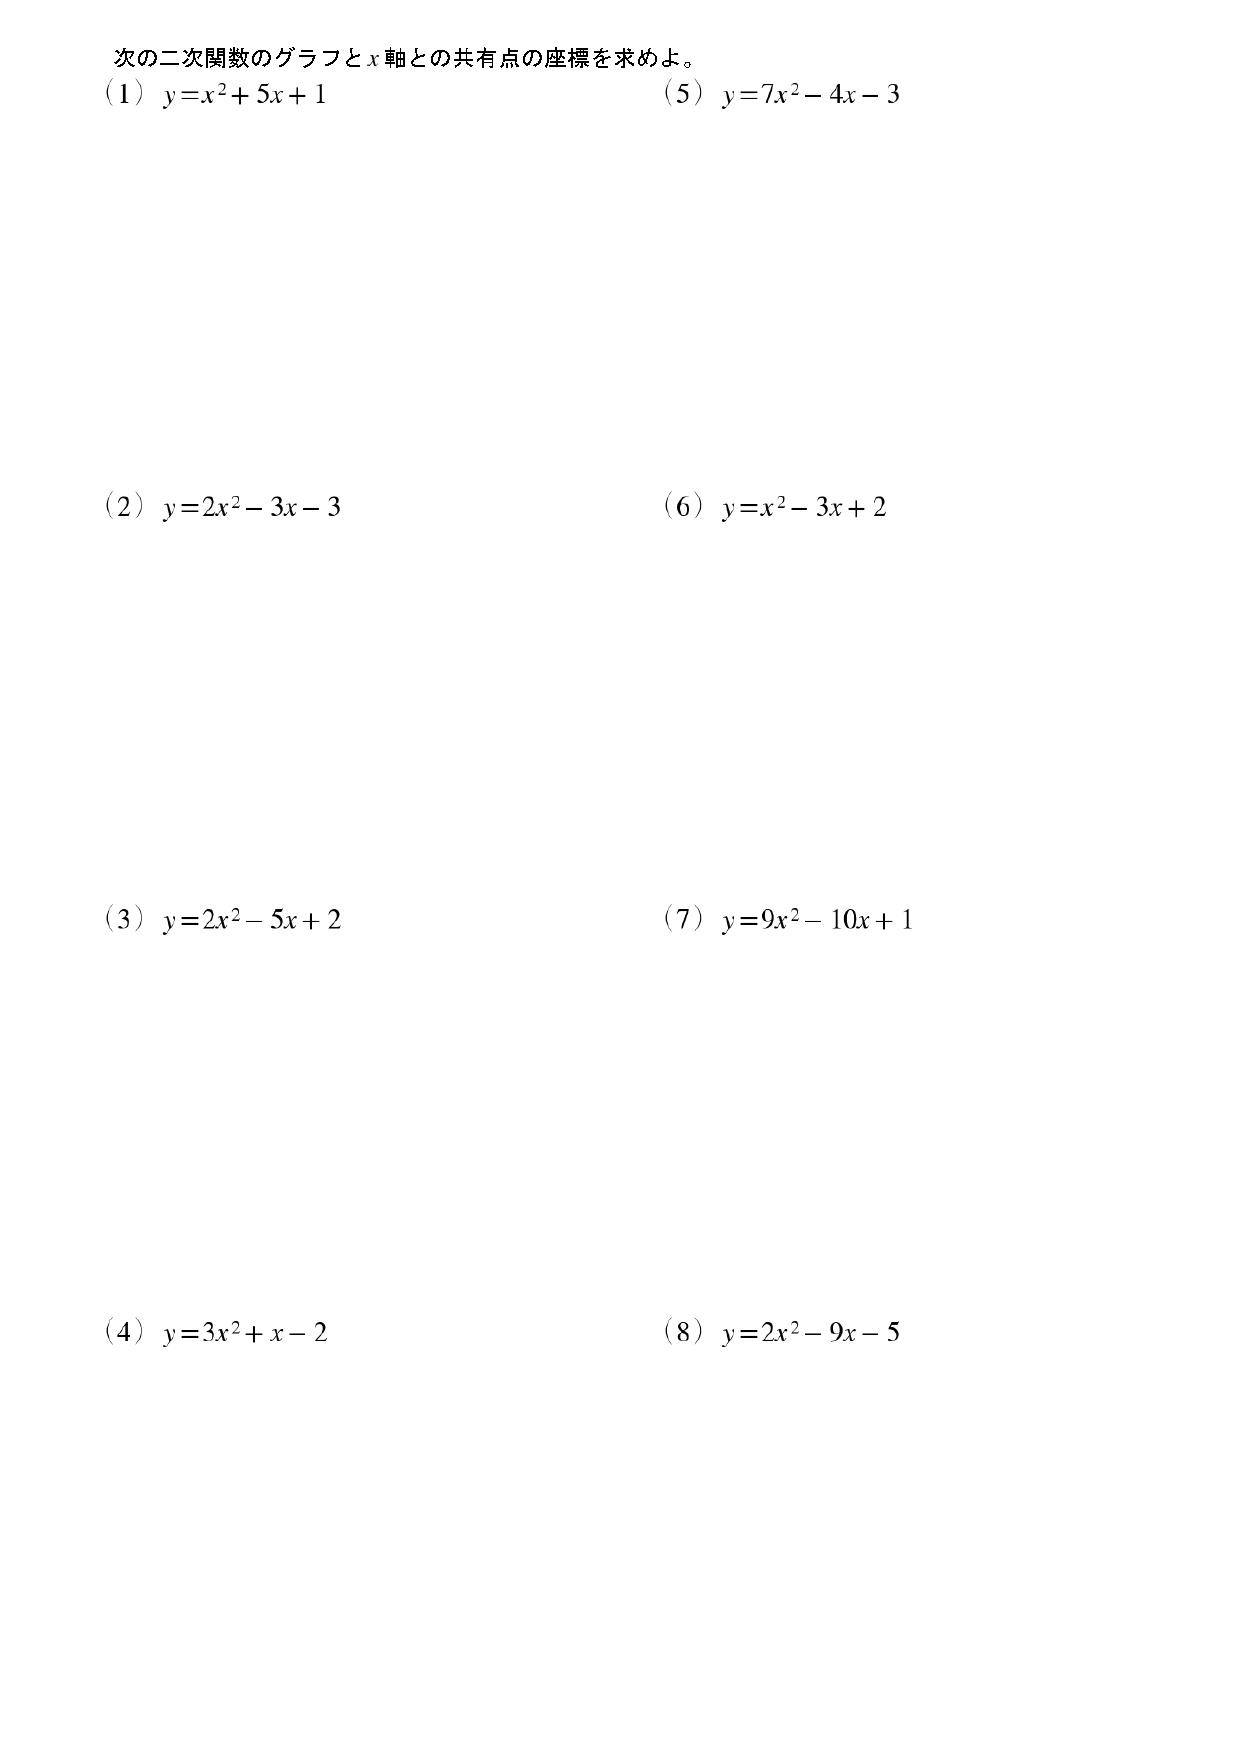 二次関数とx軸との共有点